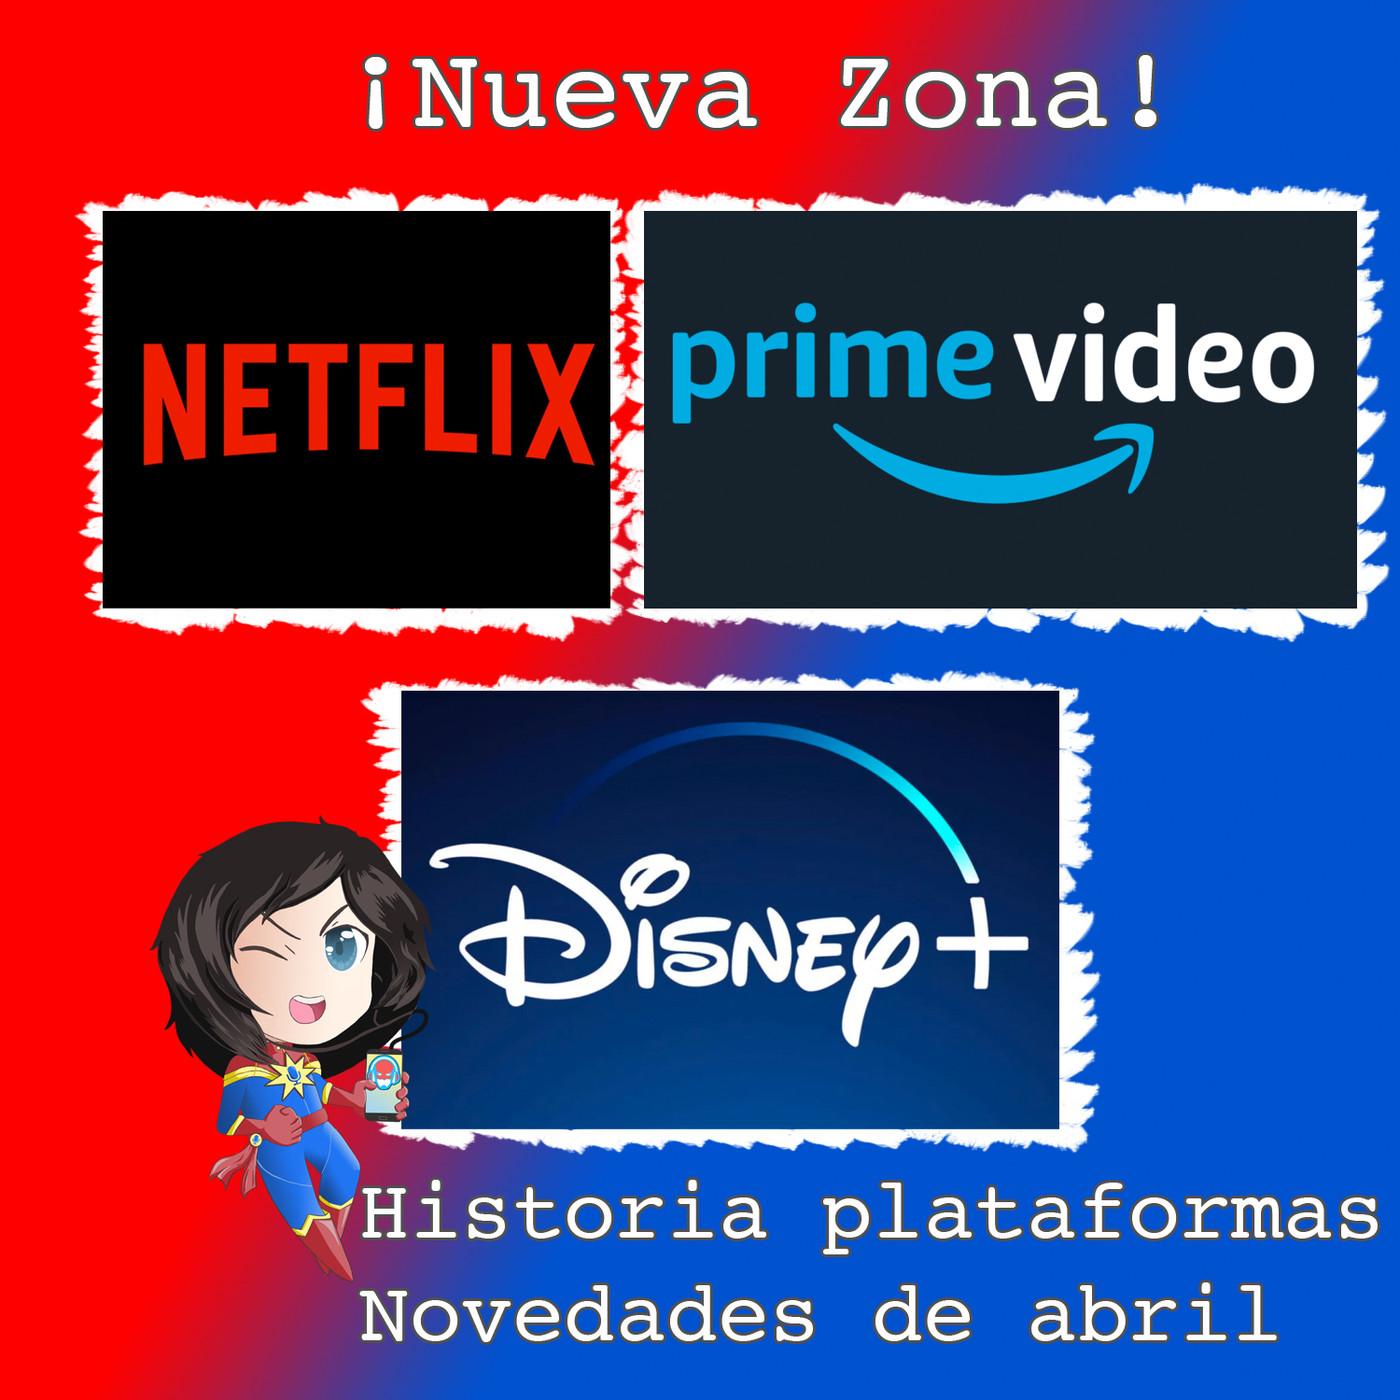 #MarvelianaTecno Origen de Netflix y Amazon Prime Video. Primer contacto con Disney +